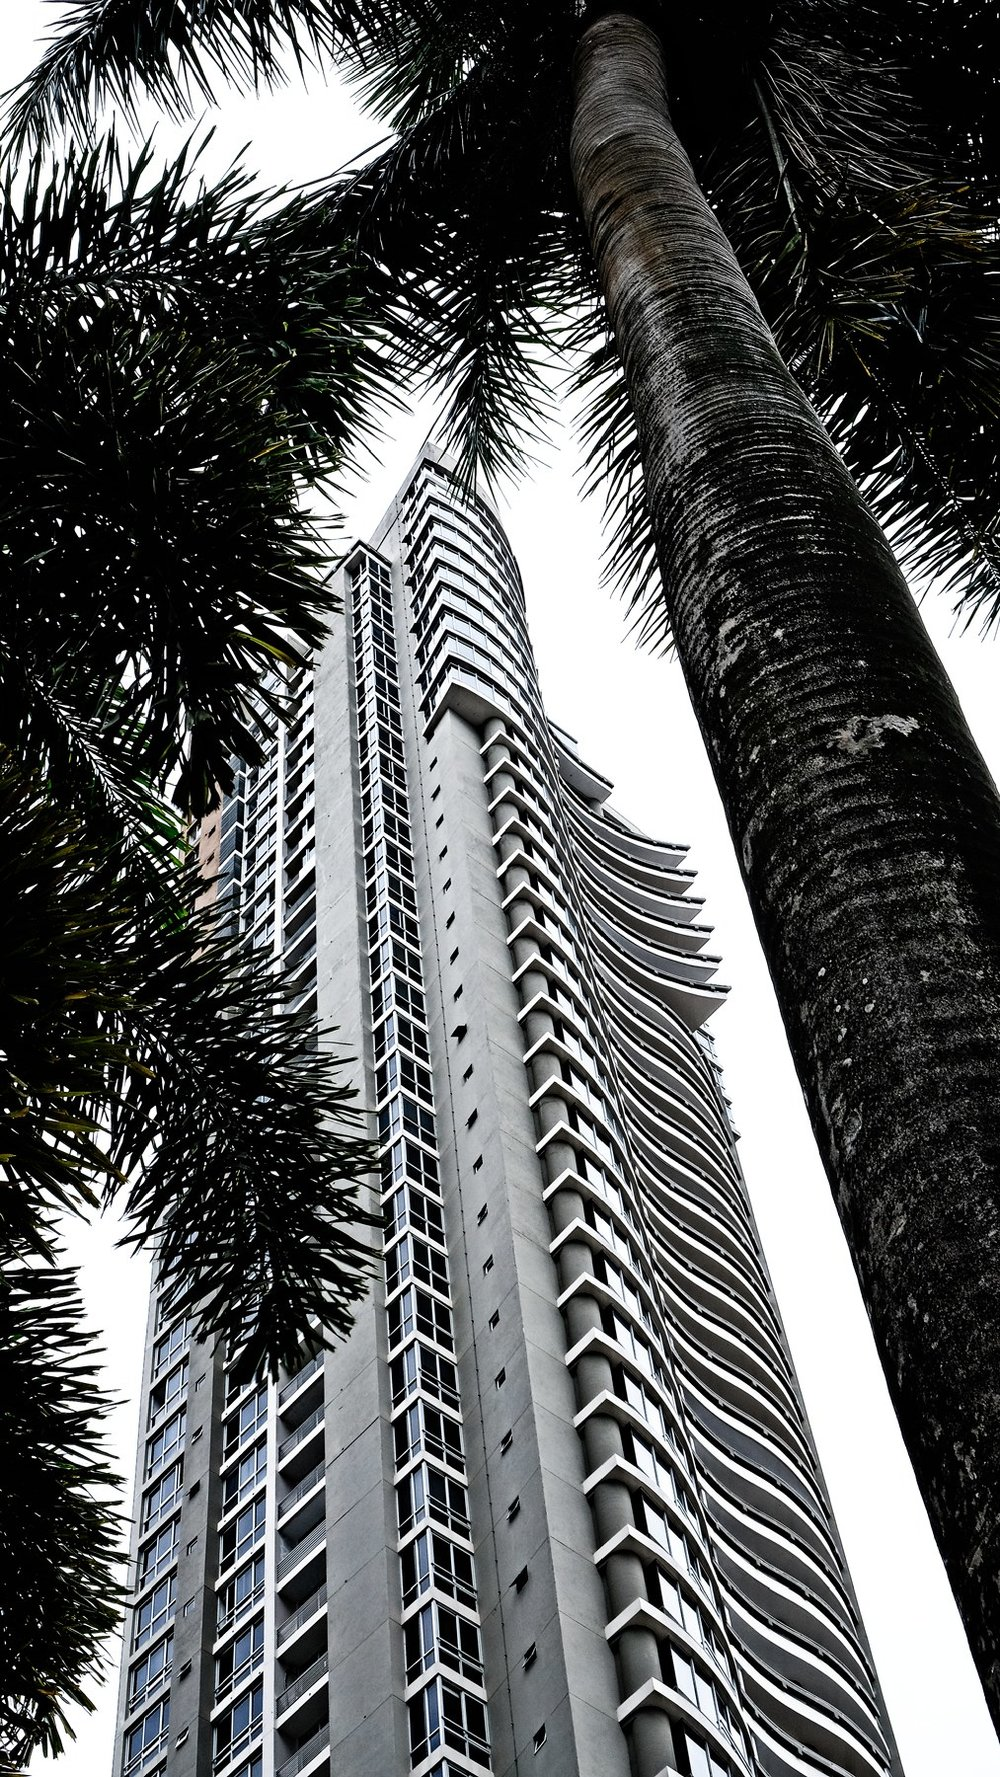 02_buildings.jpg